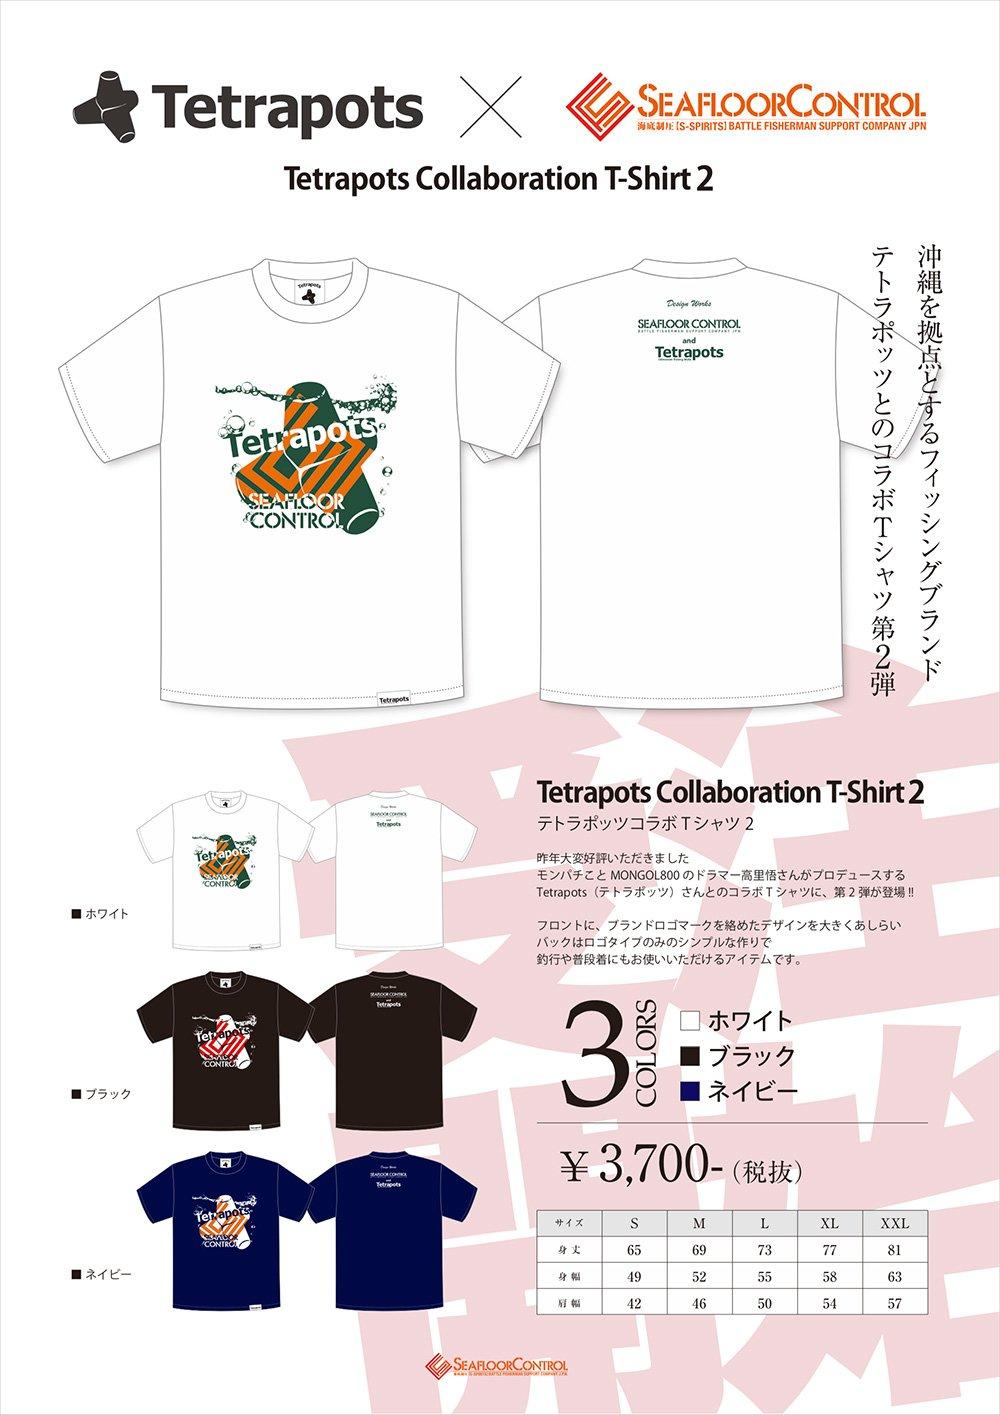 テトラポッツコラボTシャツ2 受注開始!